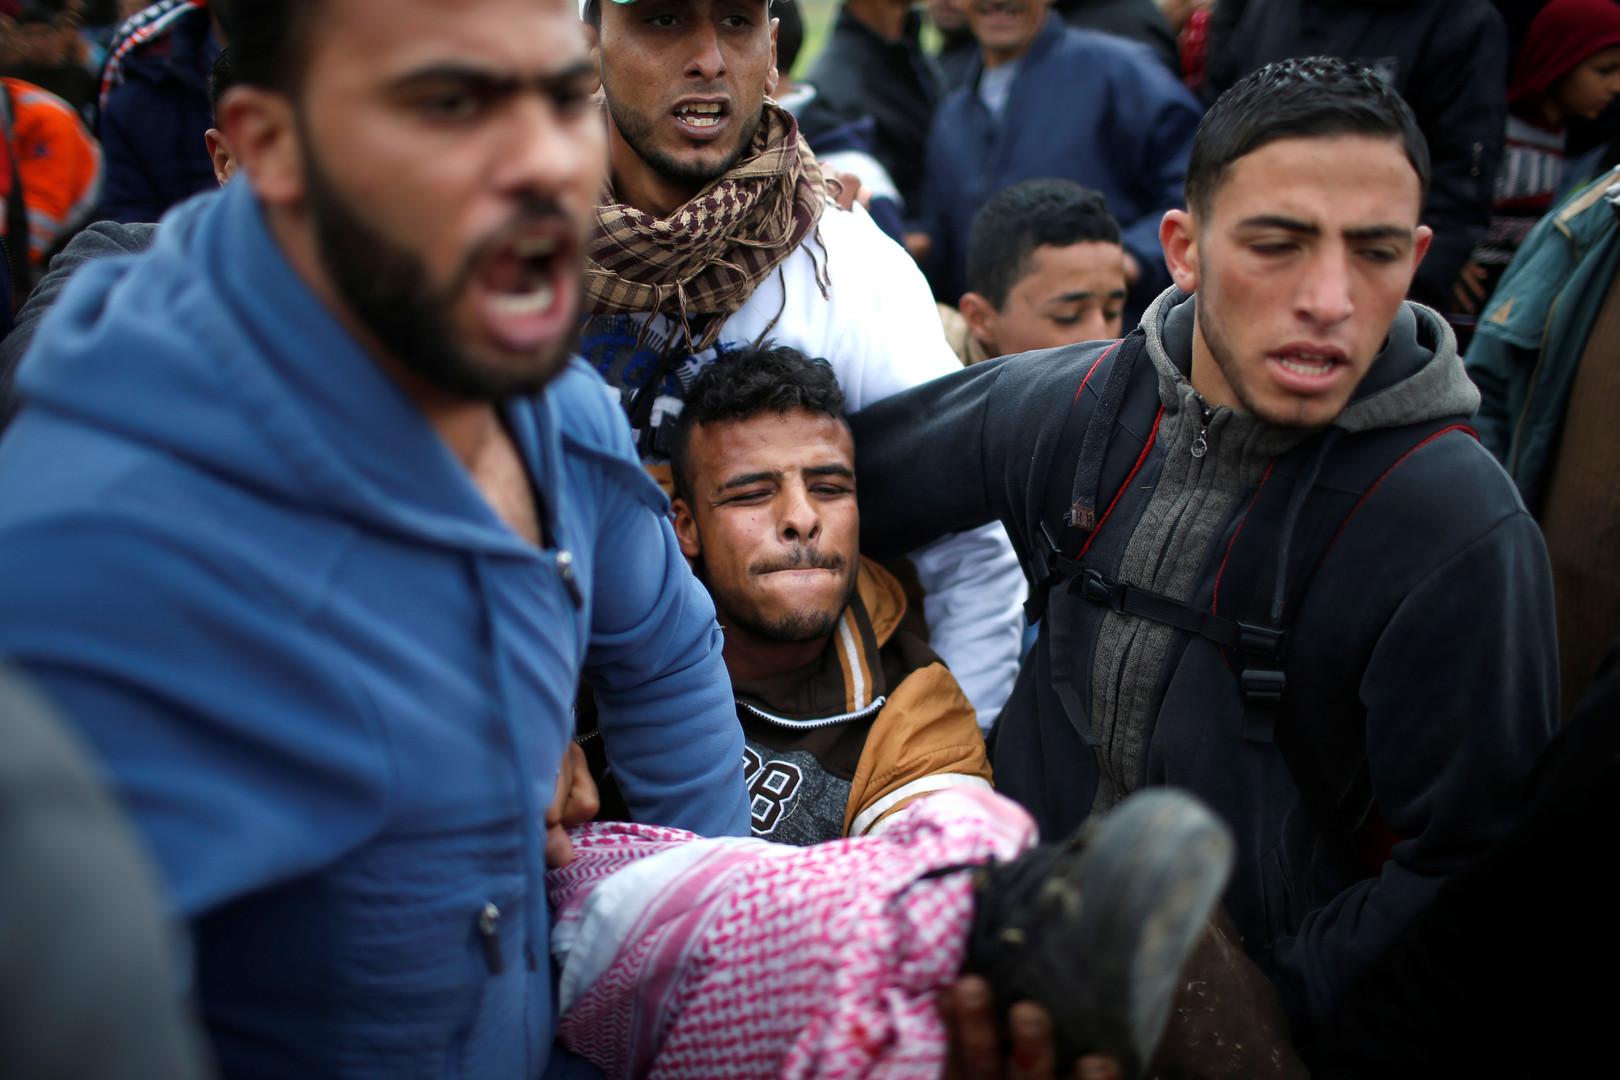 «Grande marche du retour» : 7 morts et des centaines de blessés palestiniens (PHOTOS)